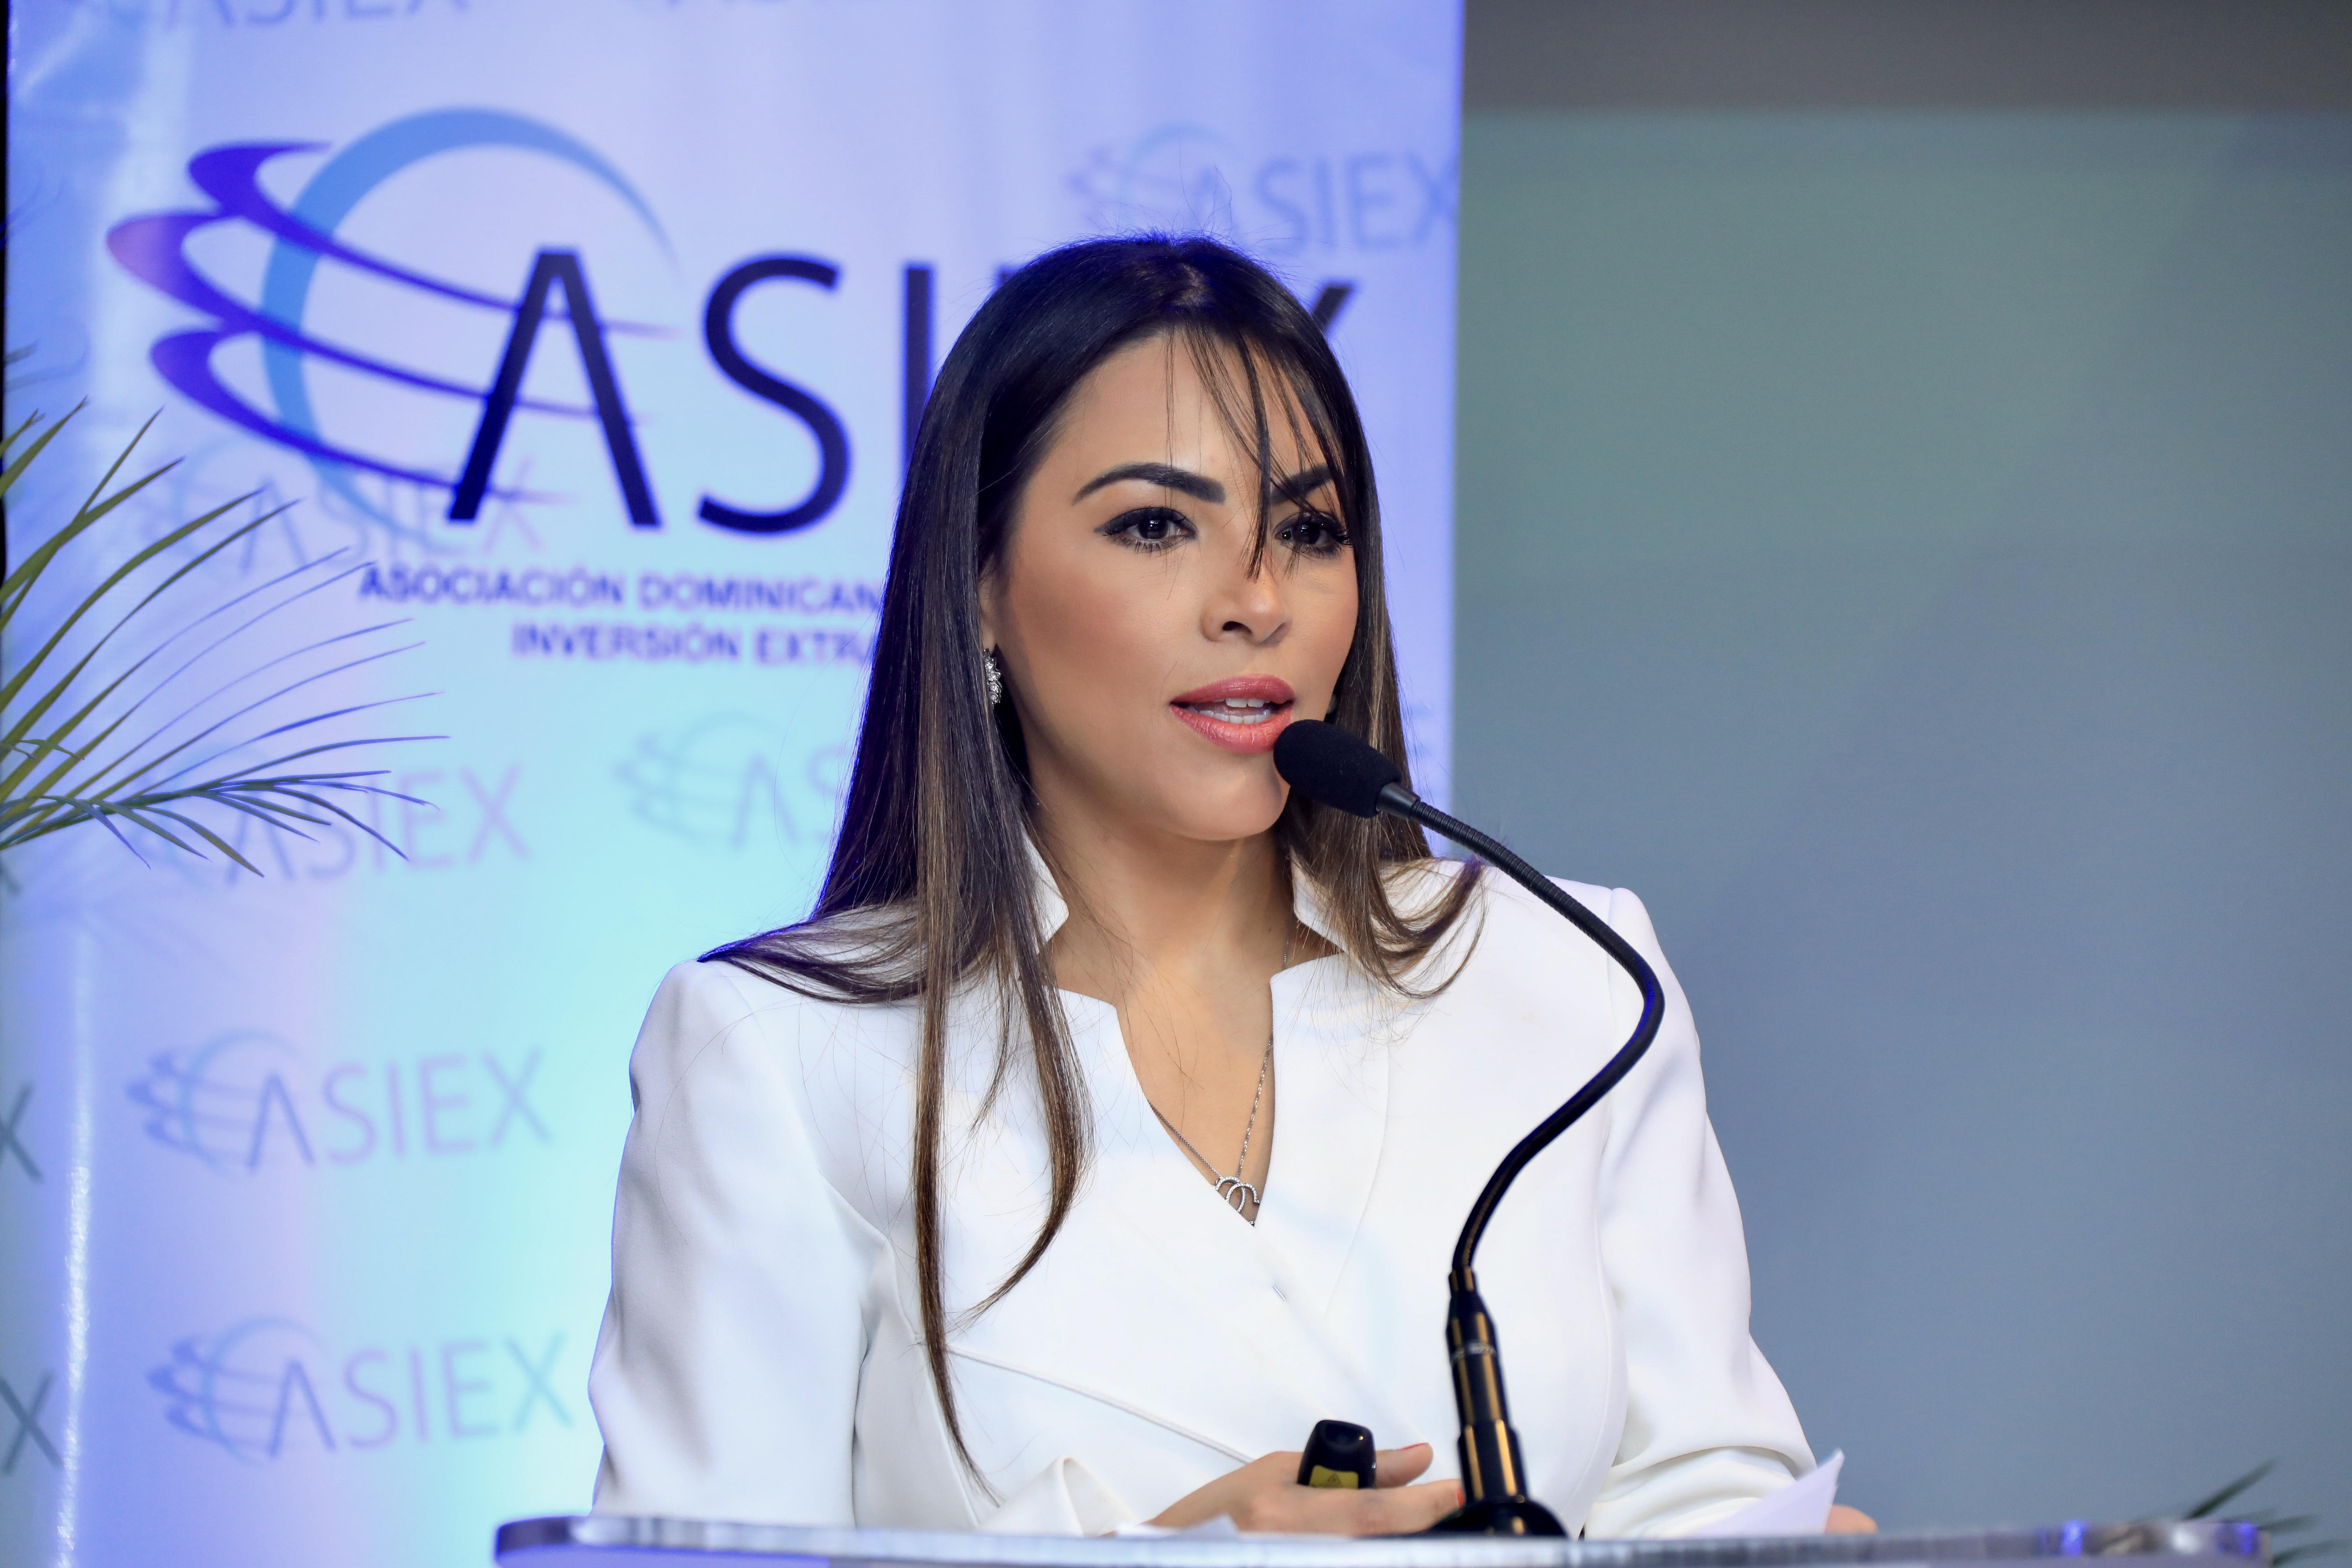 ASIEX exhorta a un proceso electoral cívico cuidando las medidas sanitarias